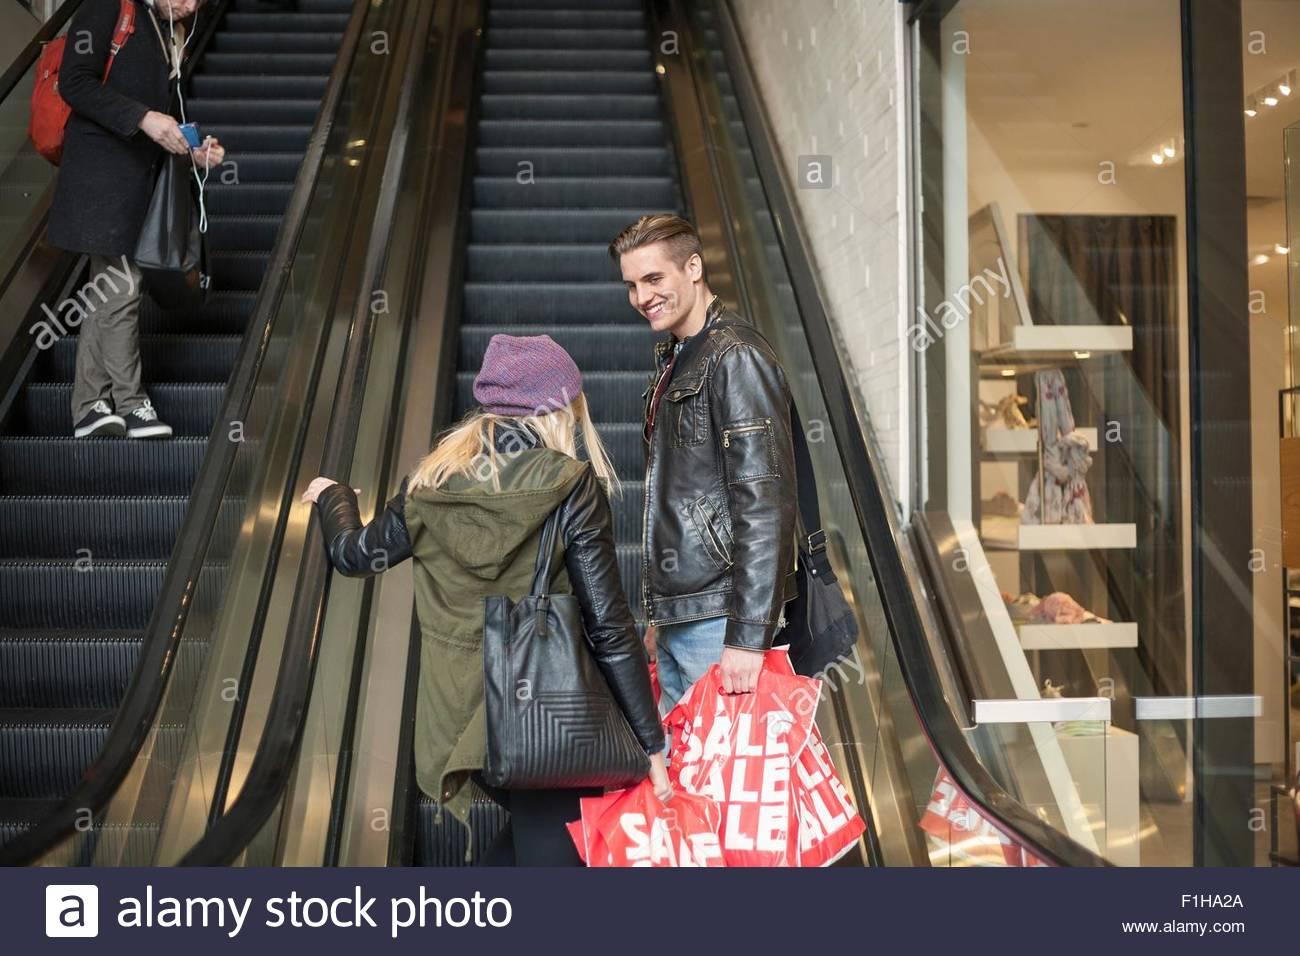 Pareja joven subiendo escaleras con bolsas de compras, Nueva York, EE.UU. Imagen De Stock